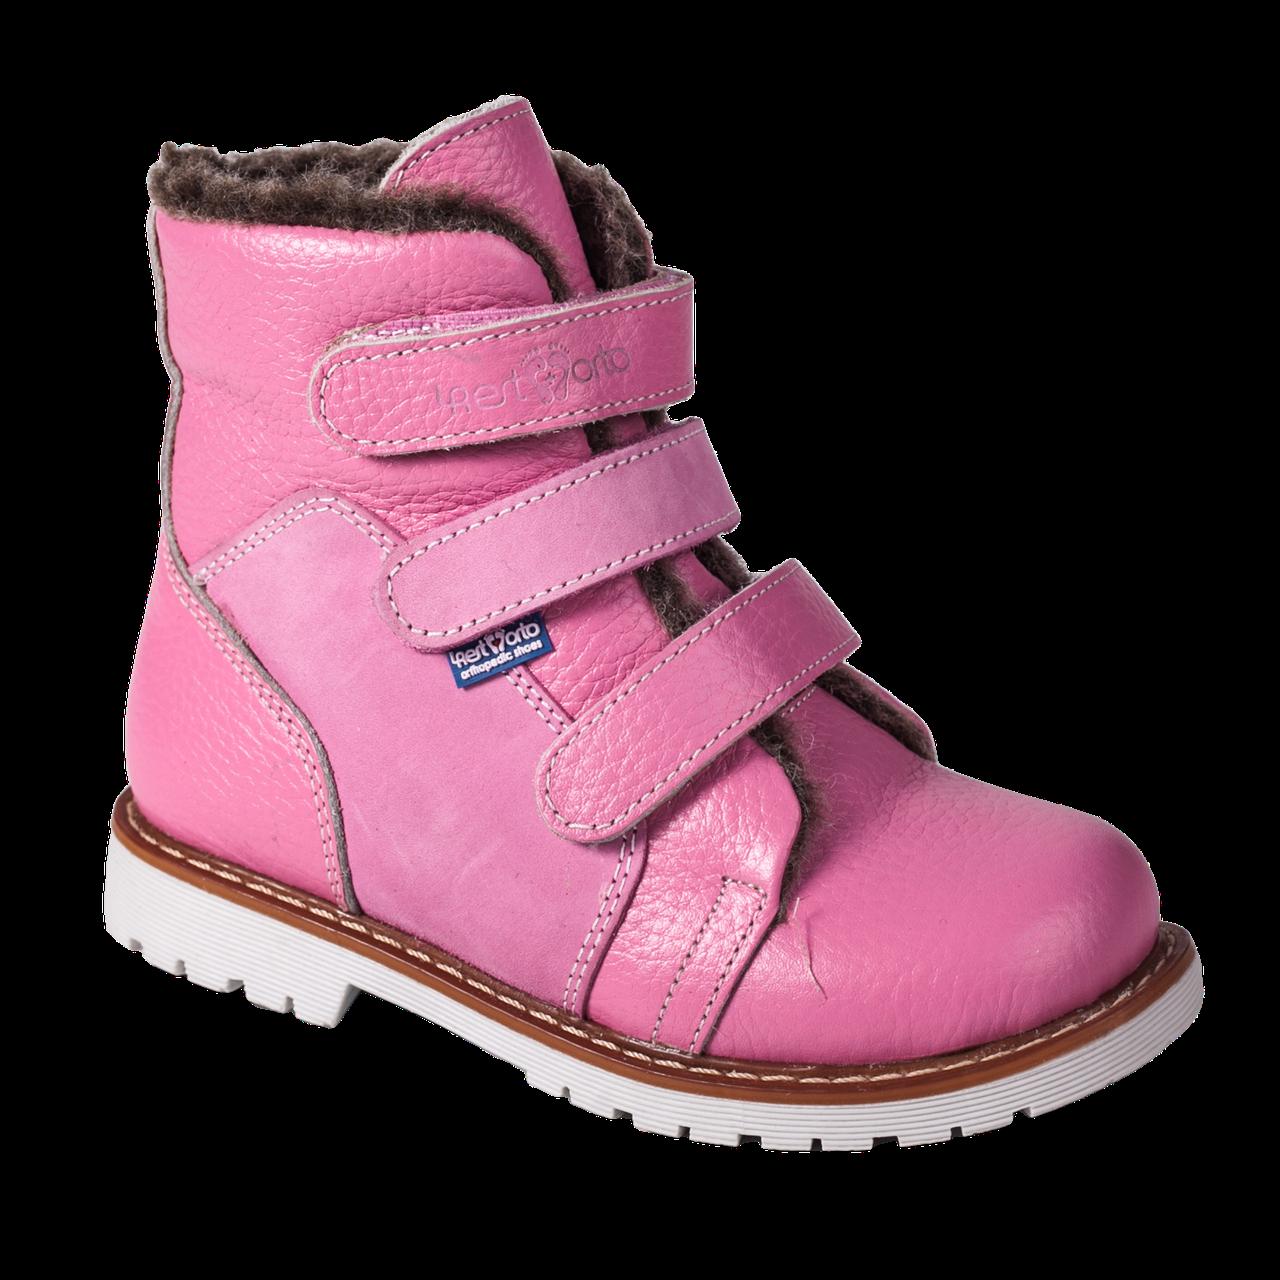 Ортопедические ботинки  зимние М-754 р. 21-30